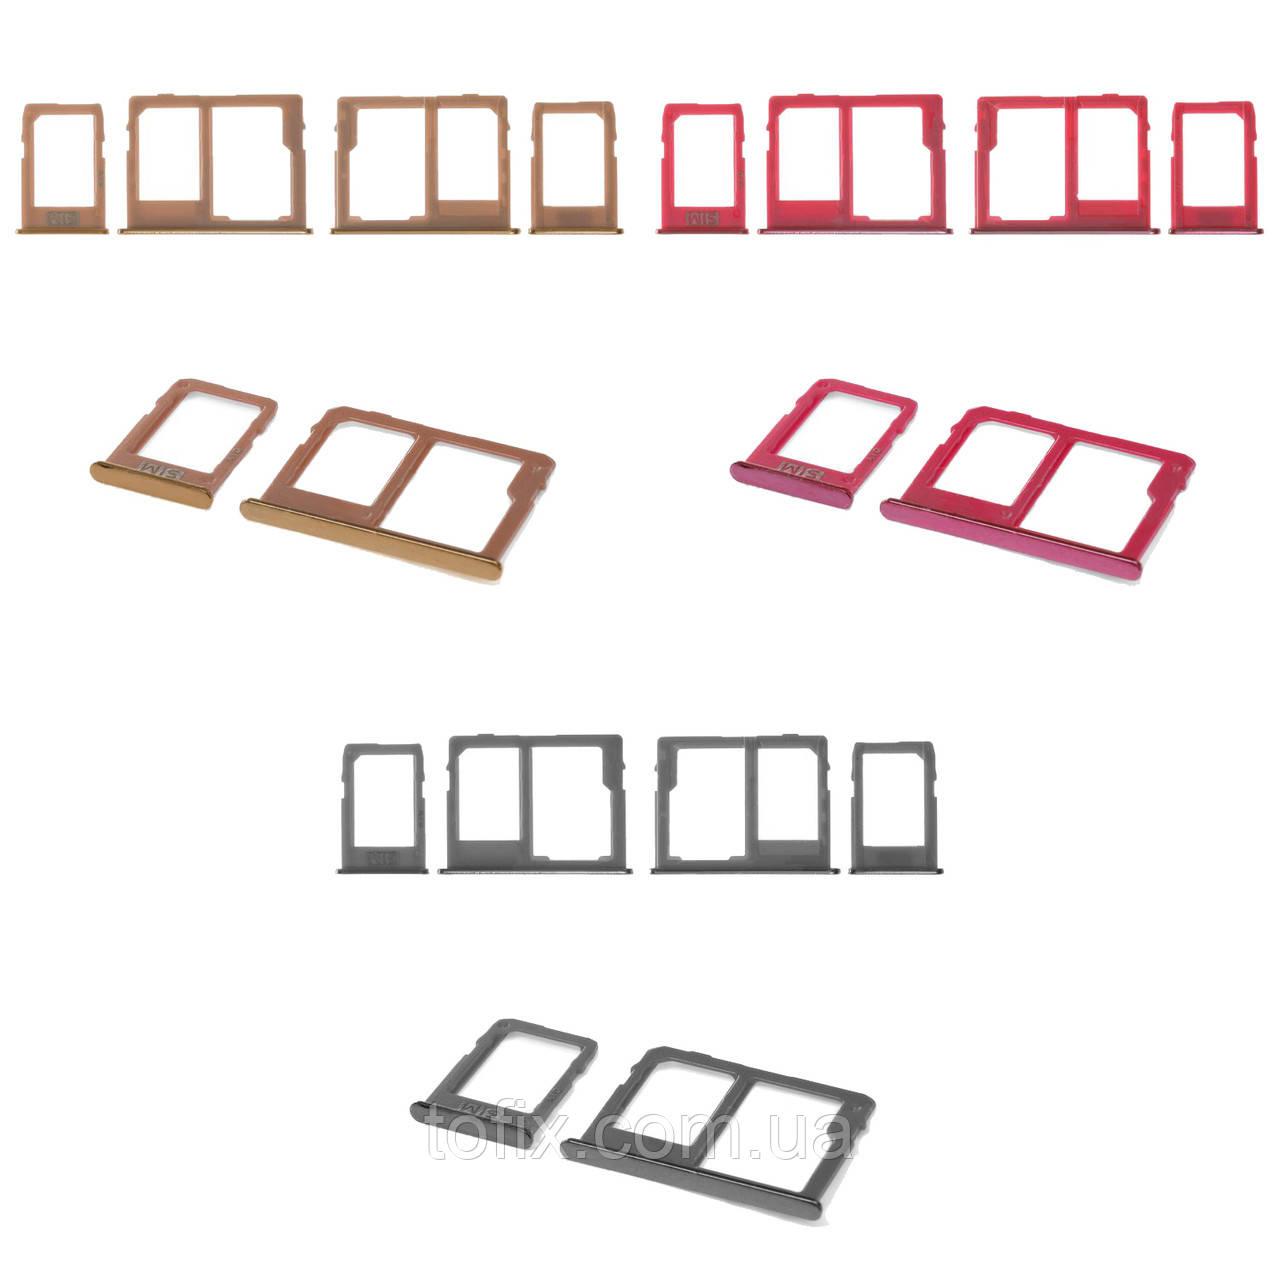 Держатель SIM-карты для Samsung J415 Galaxy J4+, J610 Galaxy J6+, 2 шт., c держателем MMC, оригинал